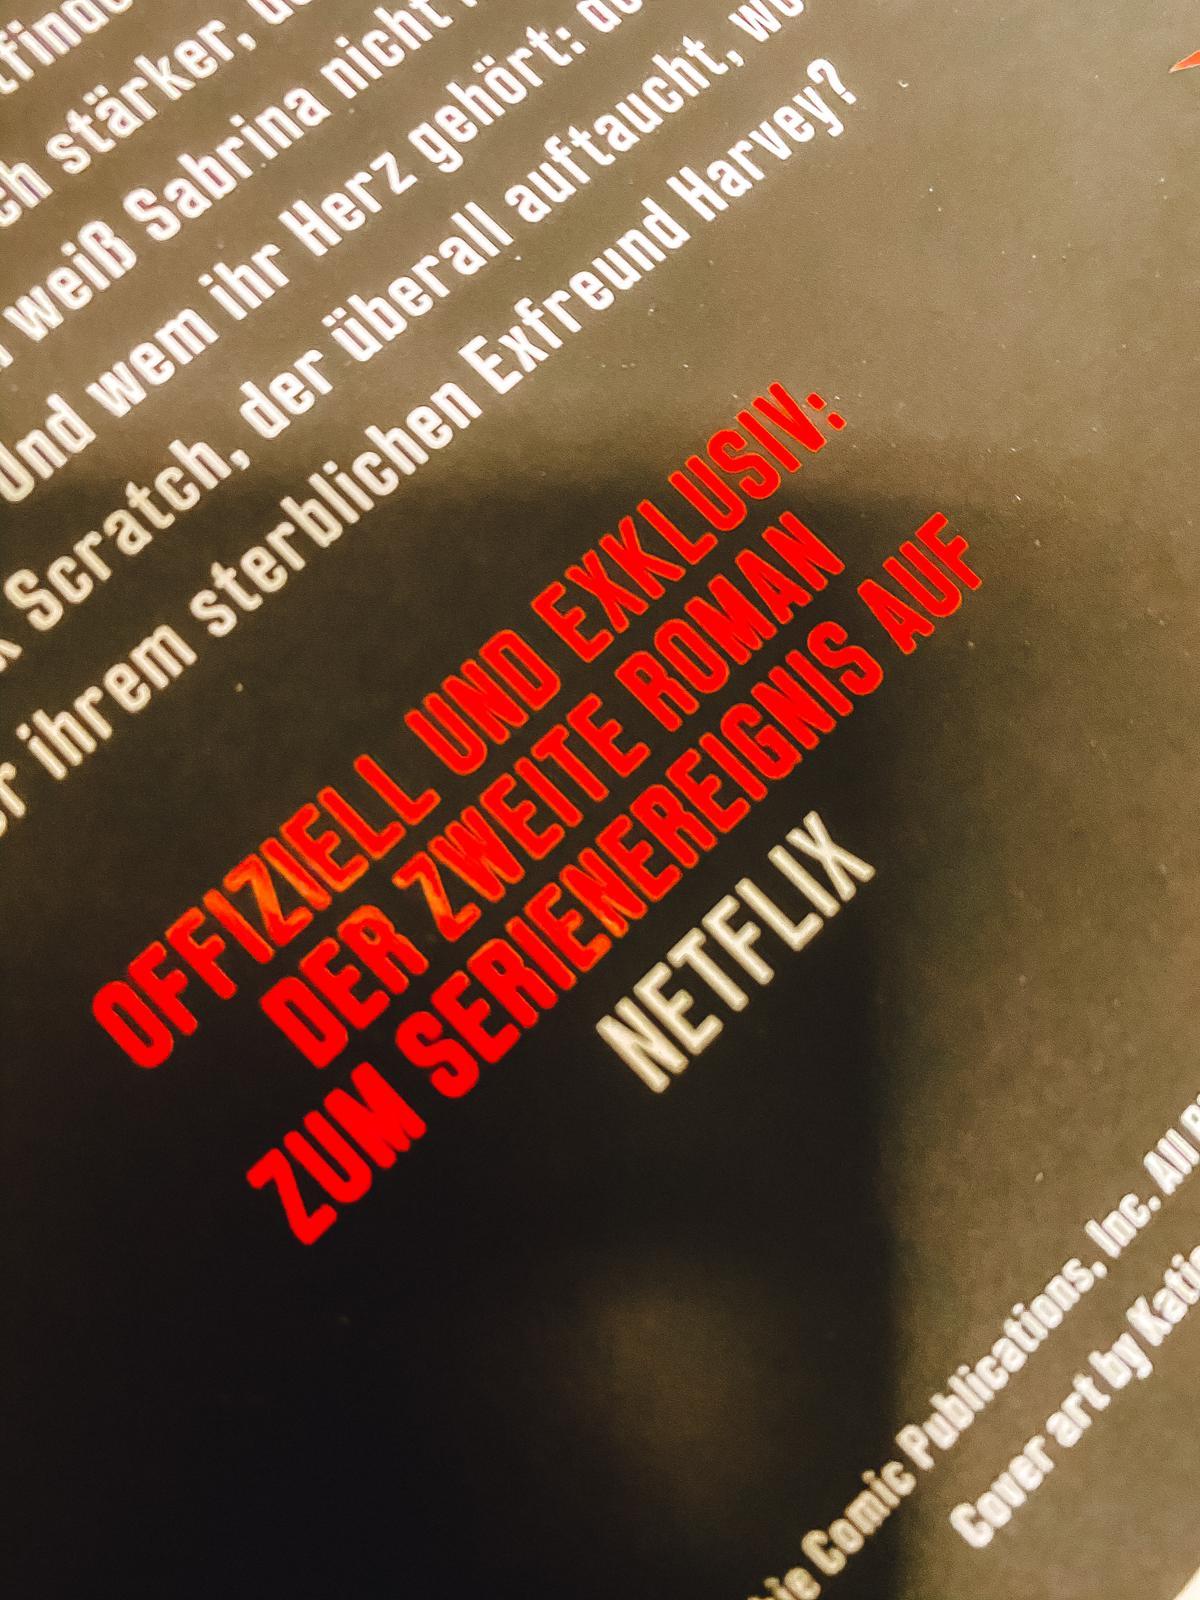 Die Netflix Adaption von er Hexe Sabrina ist sehr unterhaltsam